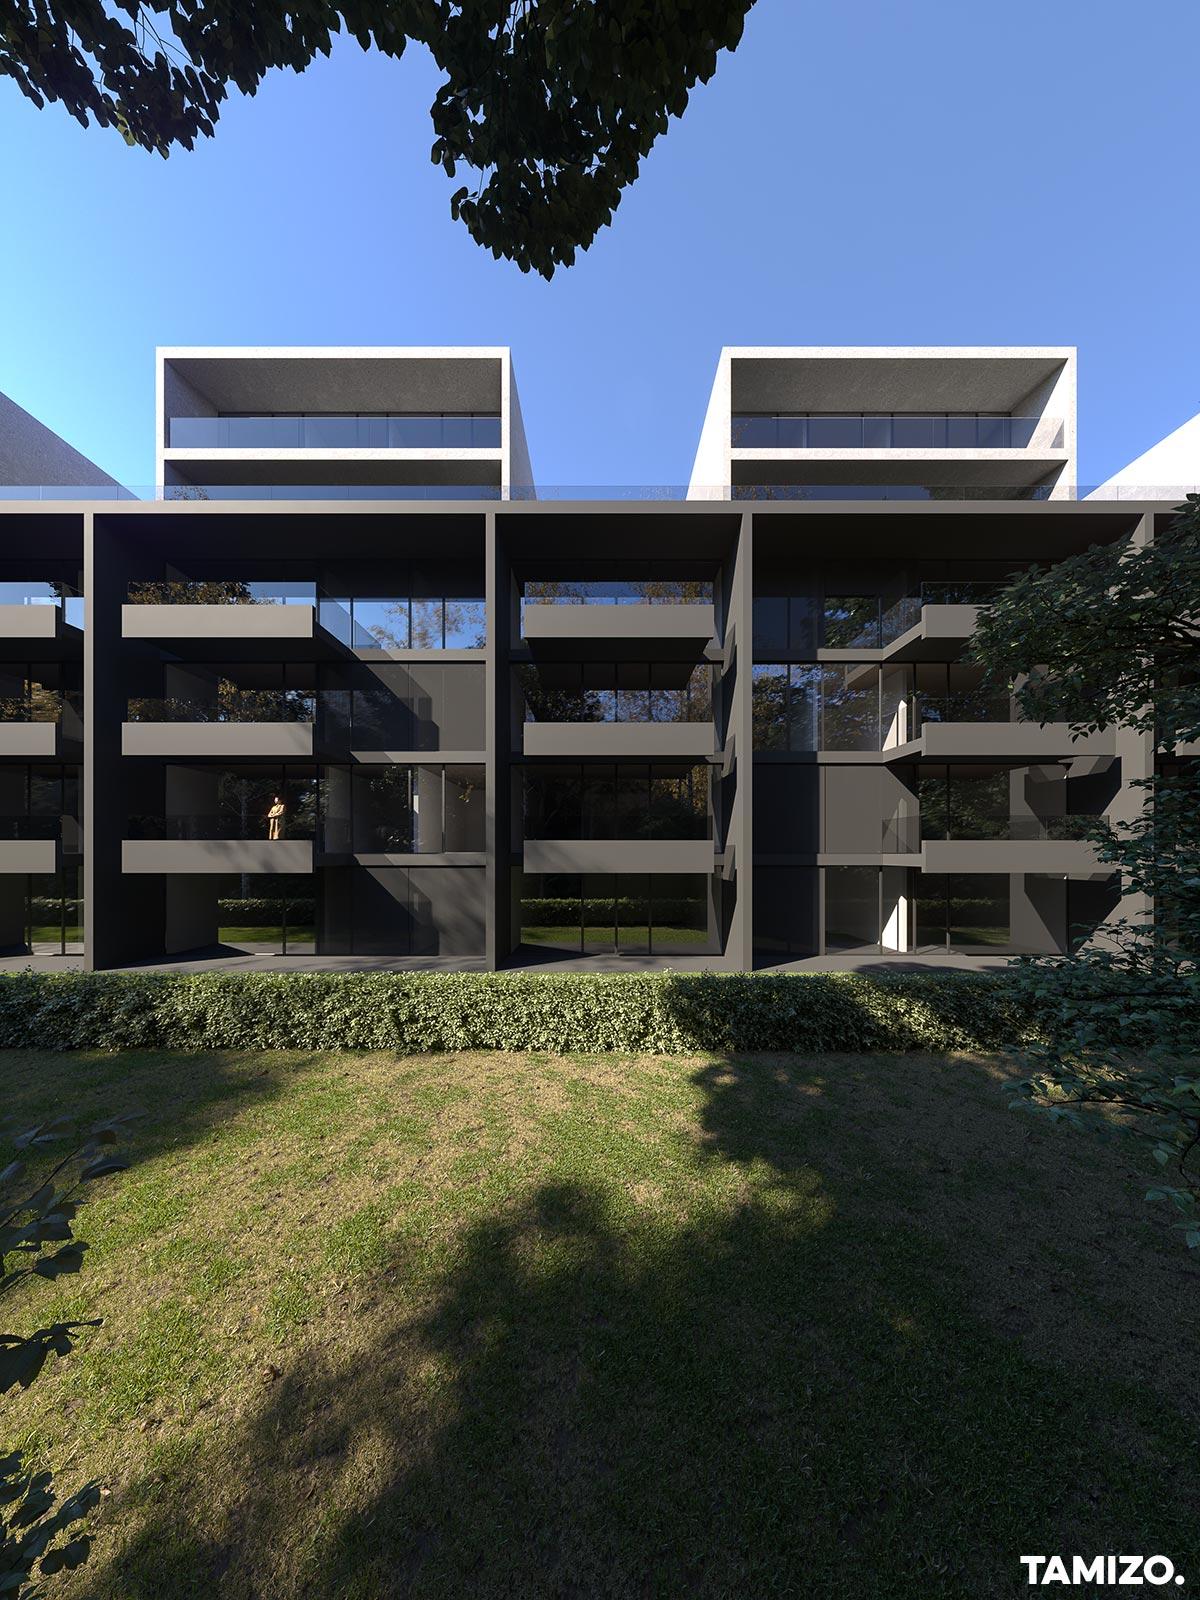 tamizo_architecture_houseing_mieszkaniowa_architektura_biura_office_builidng_lodz_10